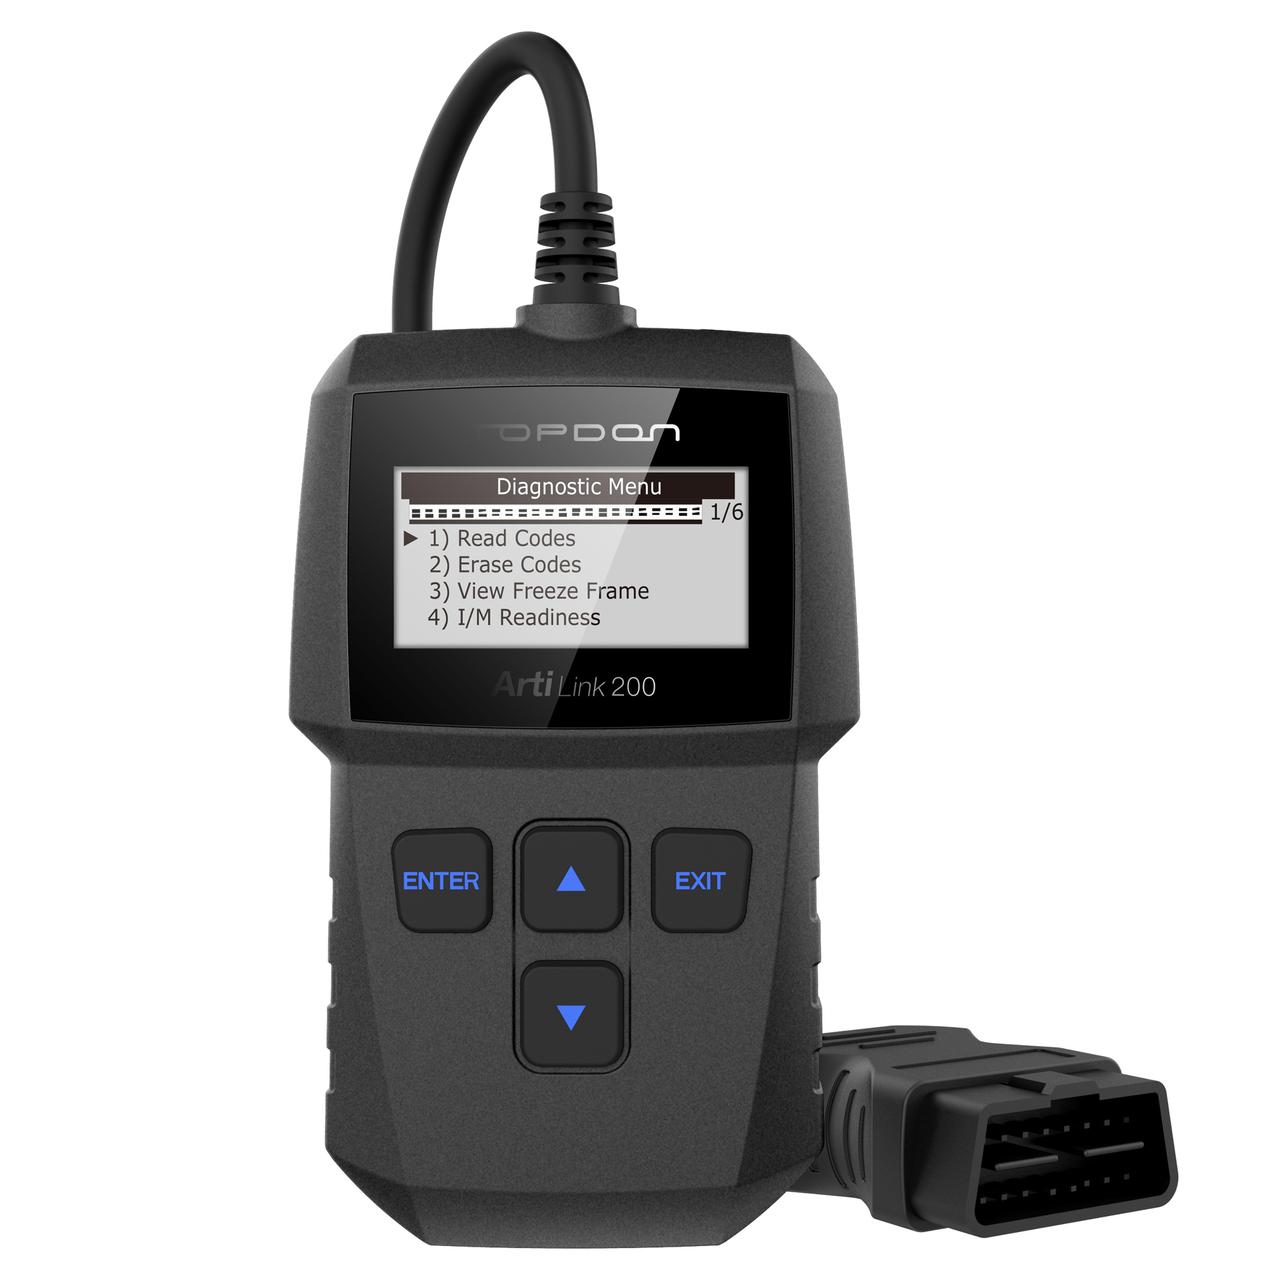 Диагностический сканер ArtLink 200